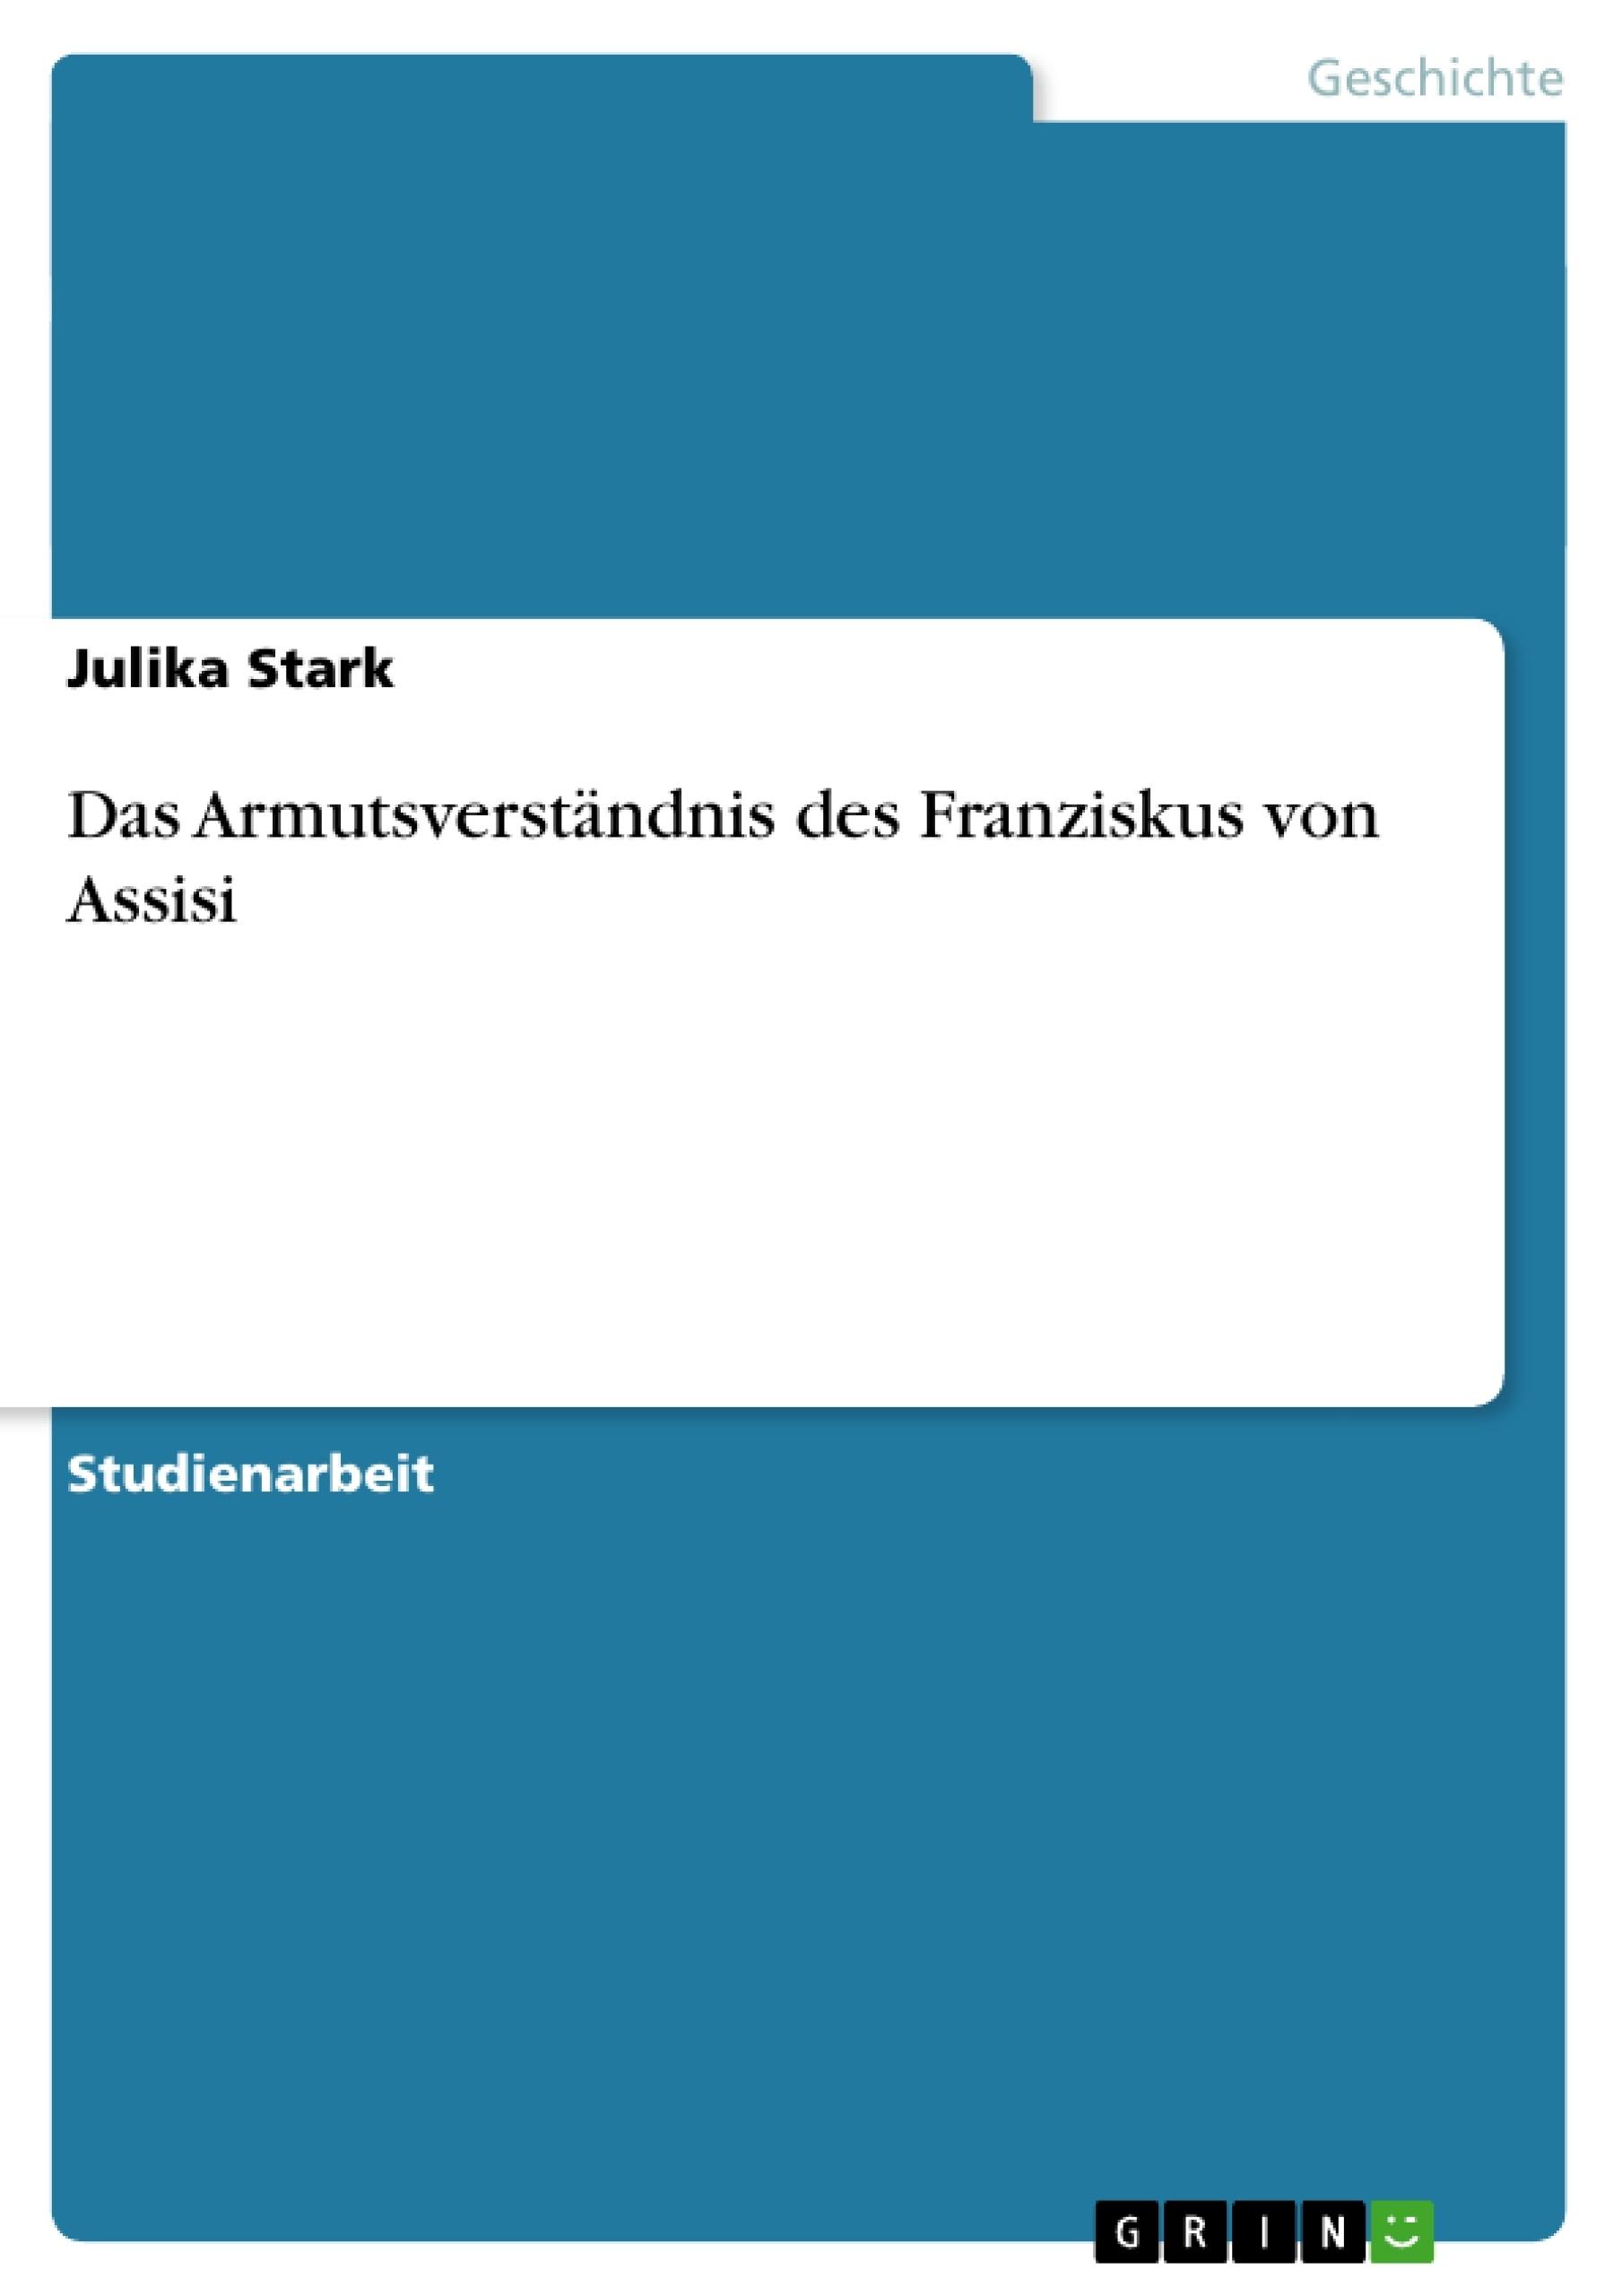 Titel: Das Armutsverständnis des Franziskus von Assisi